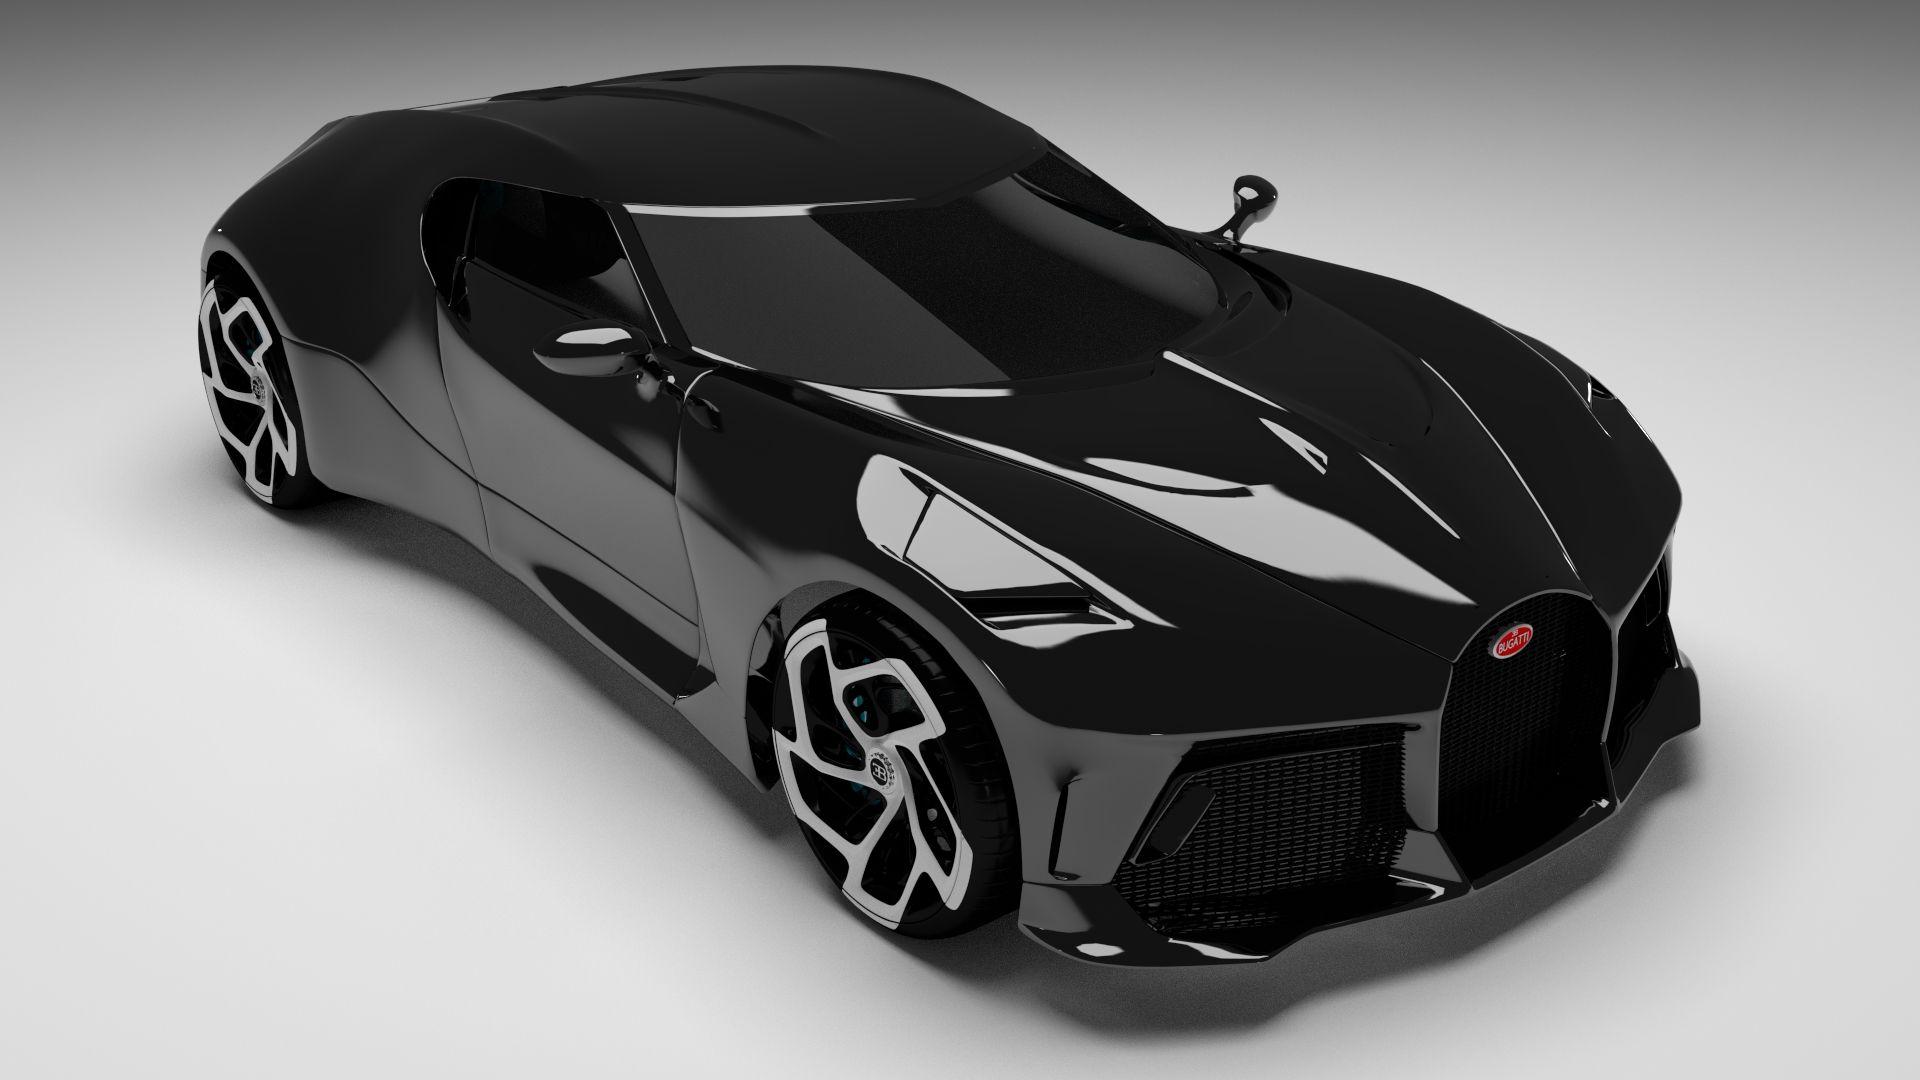 Bugatti La Voiture Noire La Voiture Noire Sports Car Vehicles